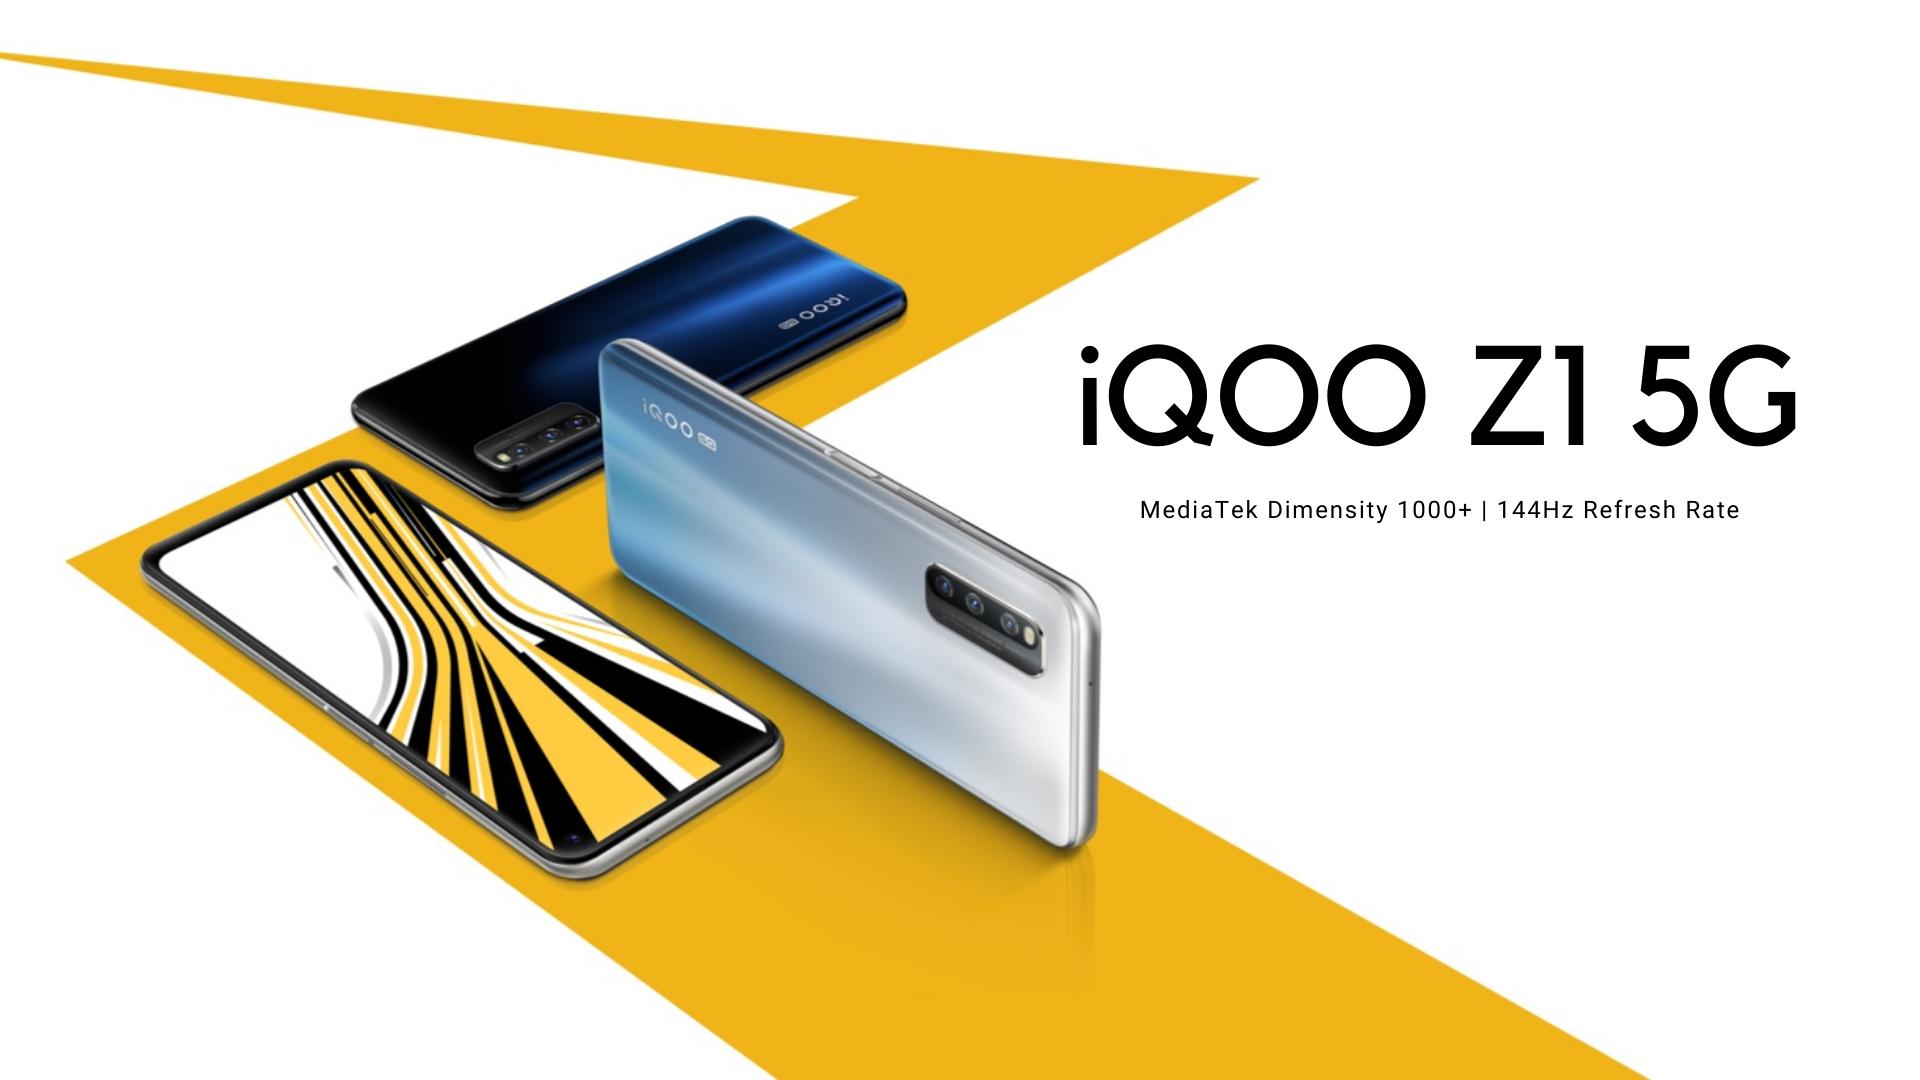 iQOO Z1 5G